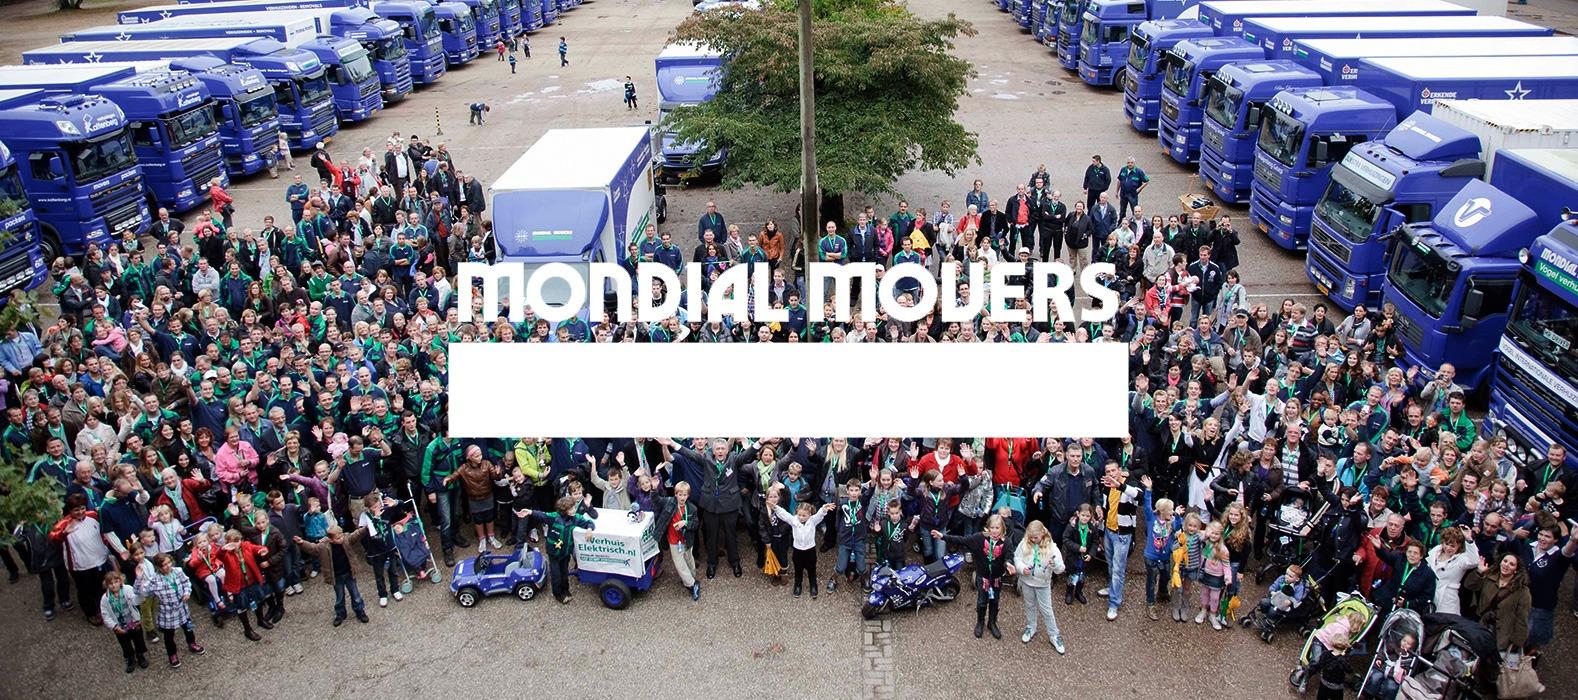 Een fraai plaatje bij Mondial Movers – MoBis